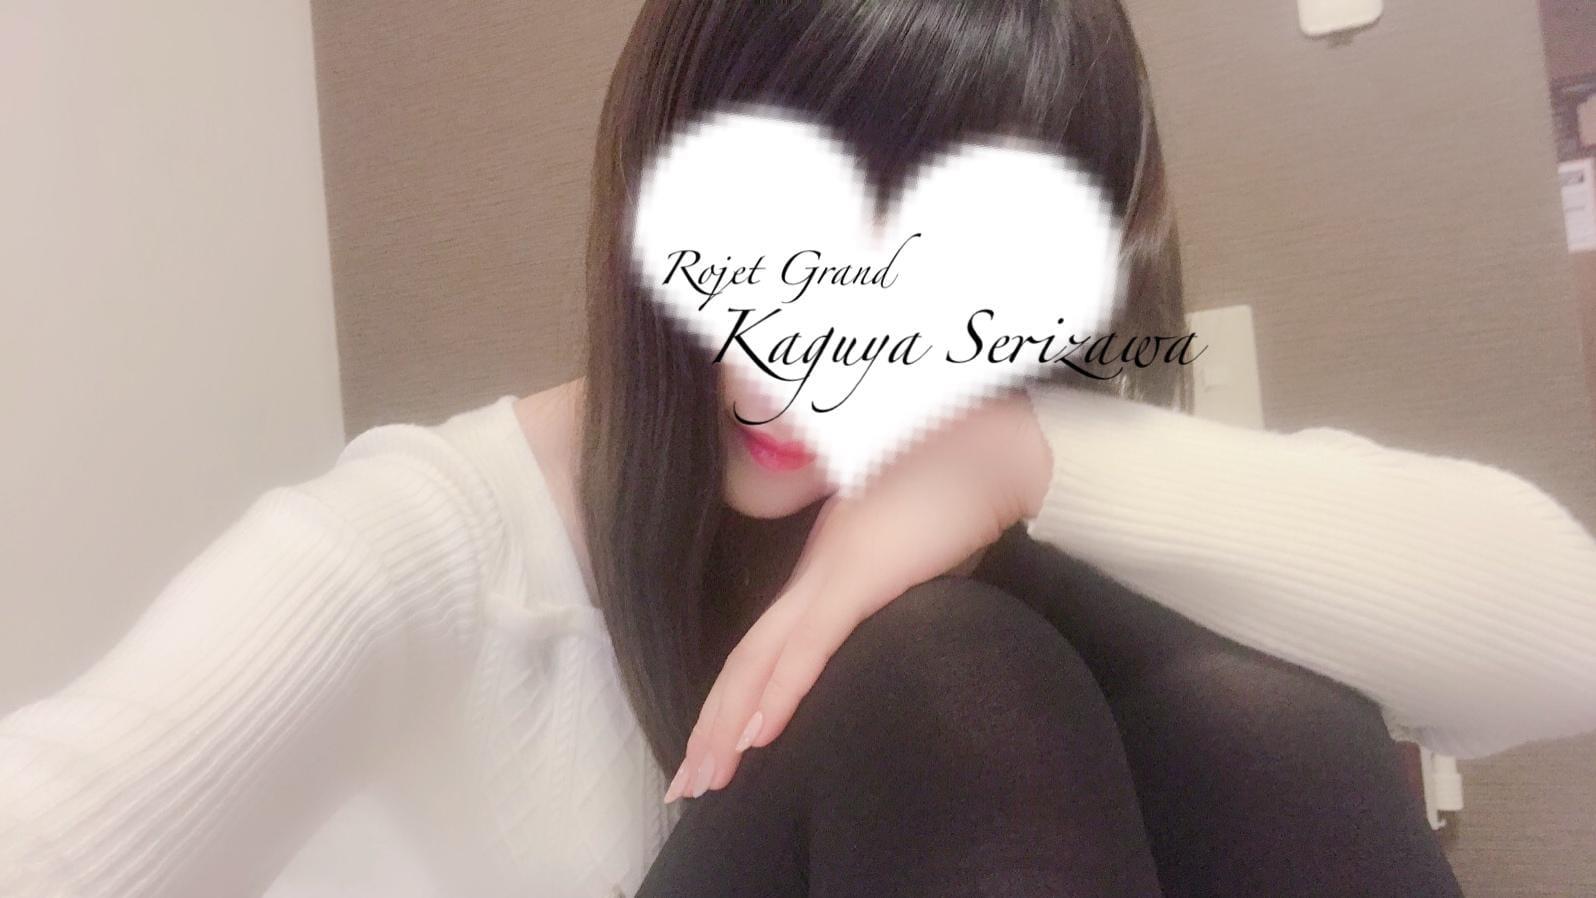 芹沢 月姫「♥お礼です。♥」11/12(月) 18:12 | 芹沢 月姫の写メ・風俗動画